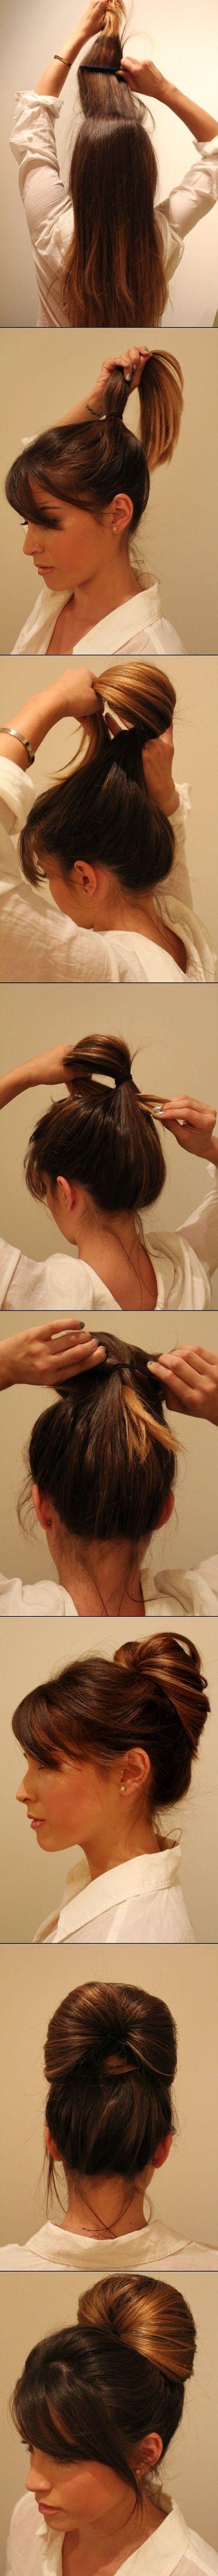 12 Fáciles y hermosos peinados para las chicas que odian peinarse ⋮ Es la moda